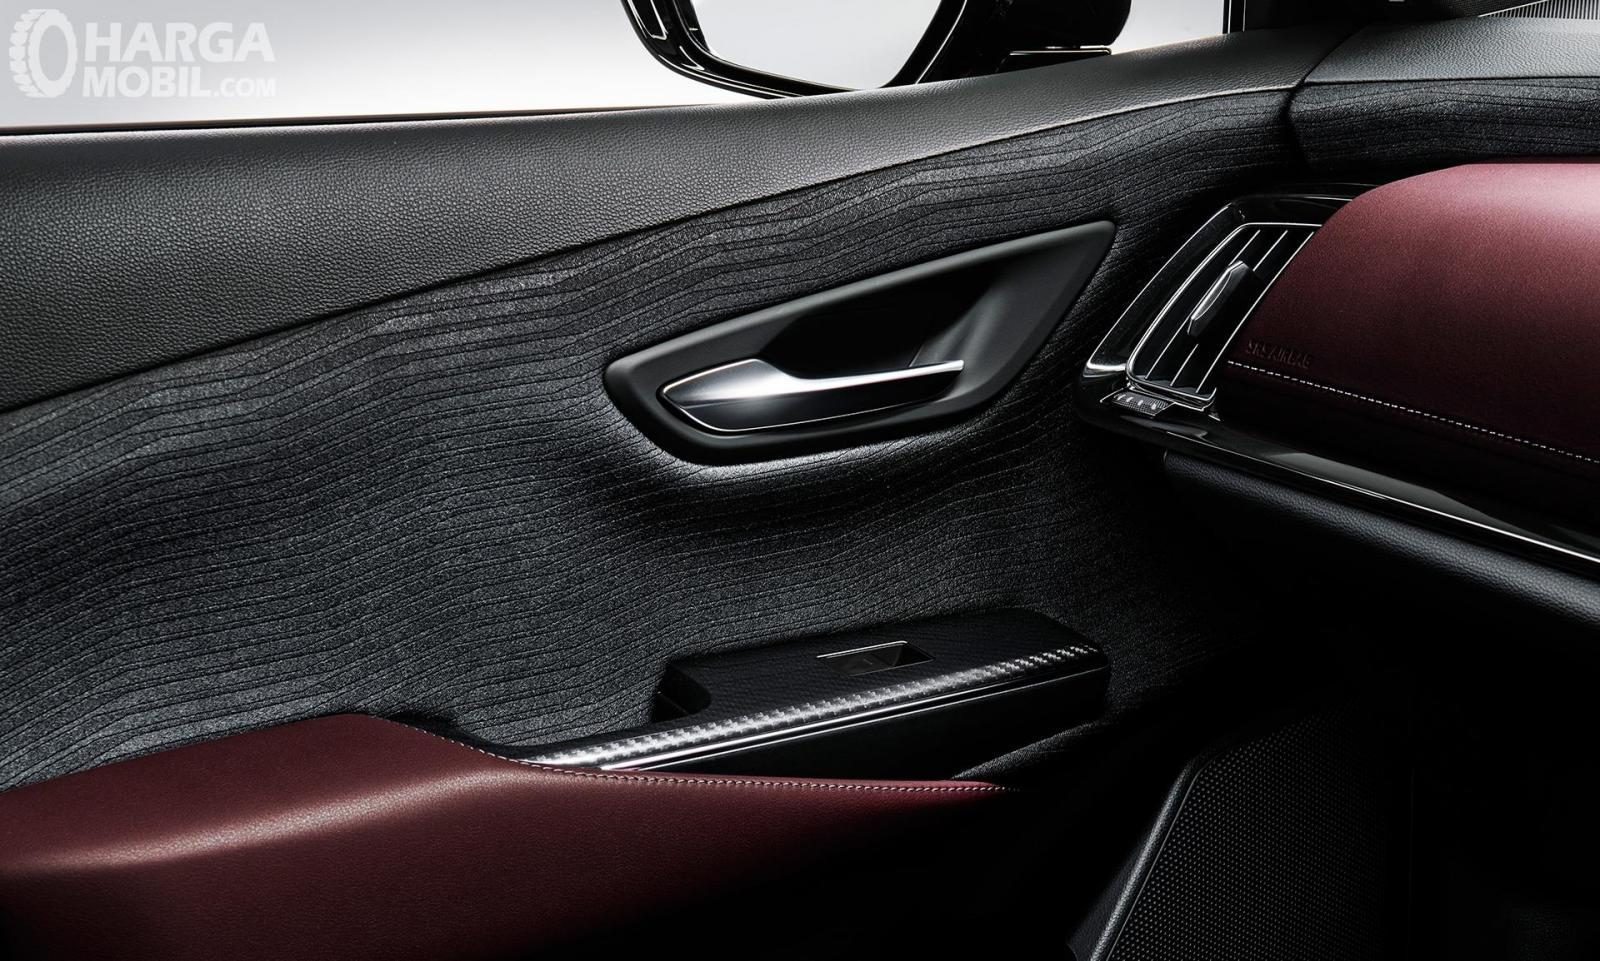 Trim interior Toyota Crown terlihat sangat mewah dan berkelas